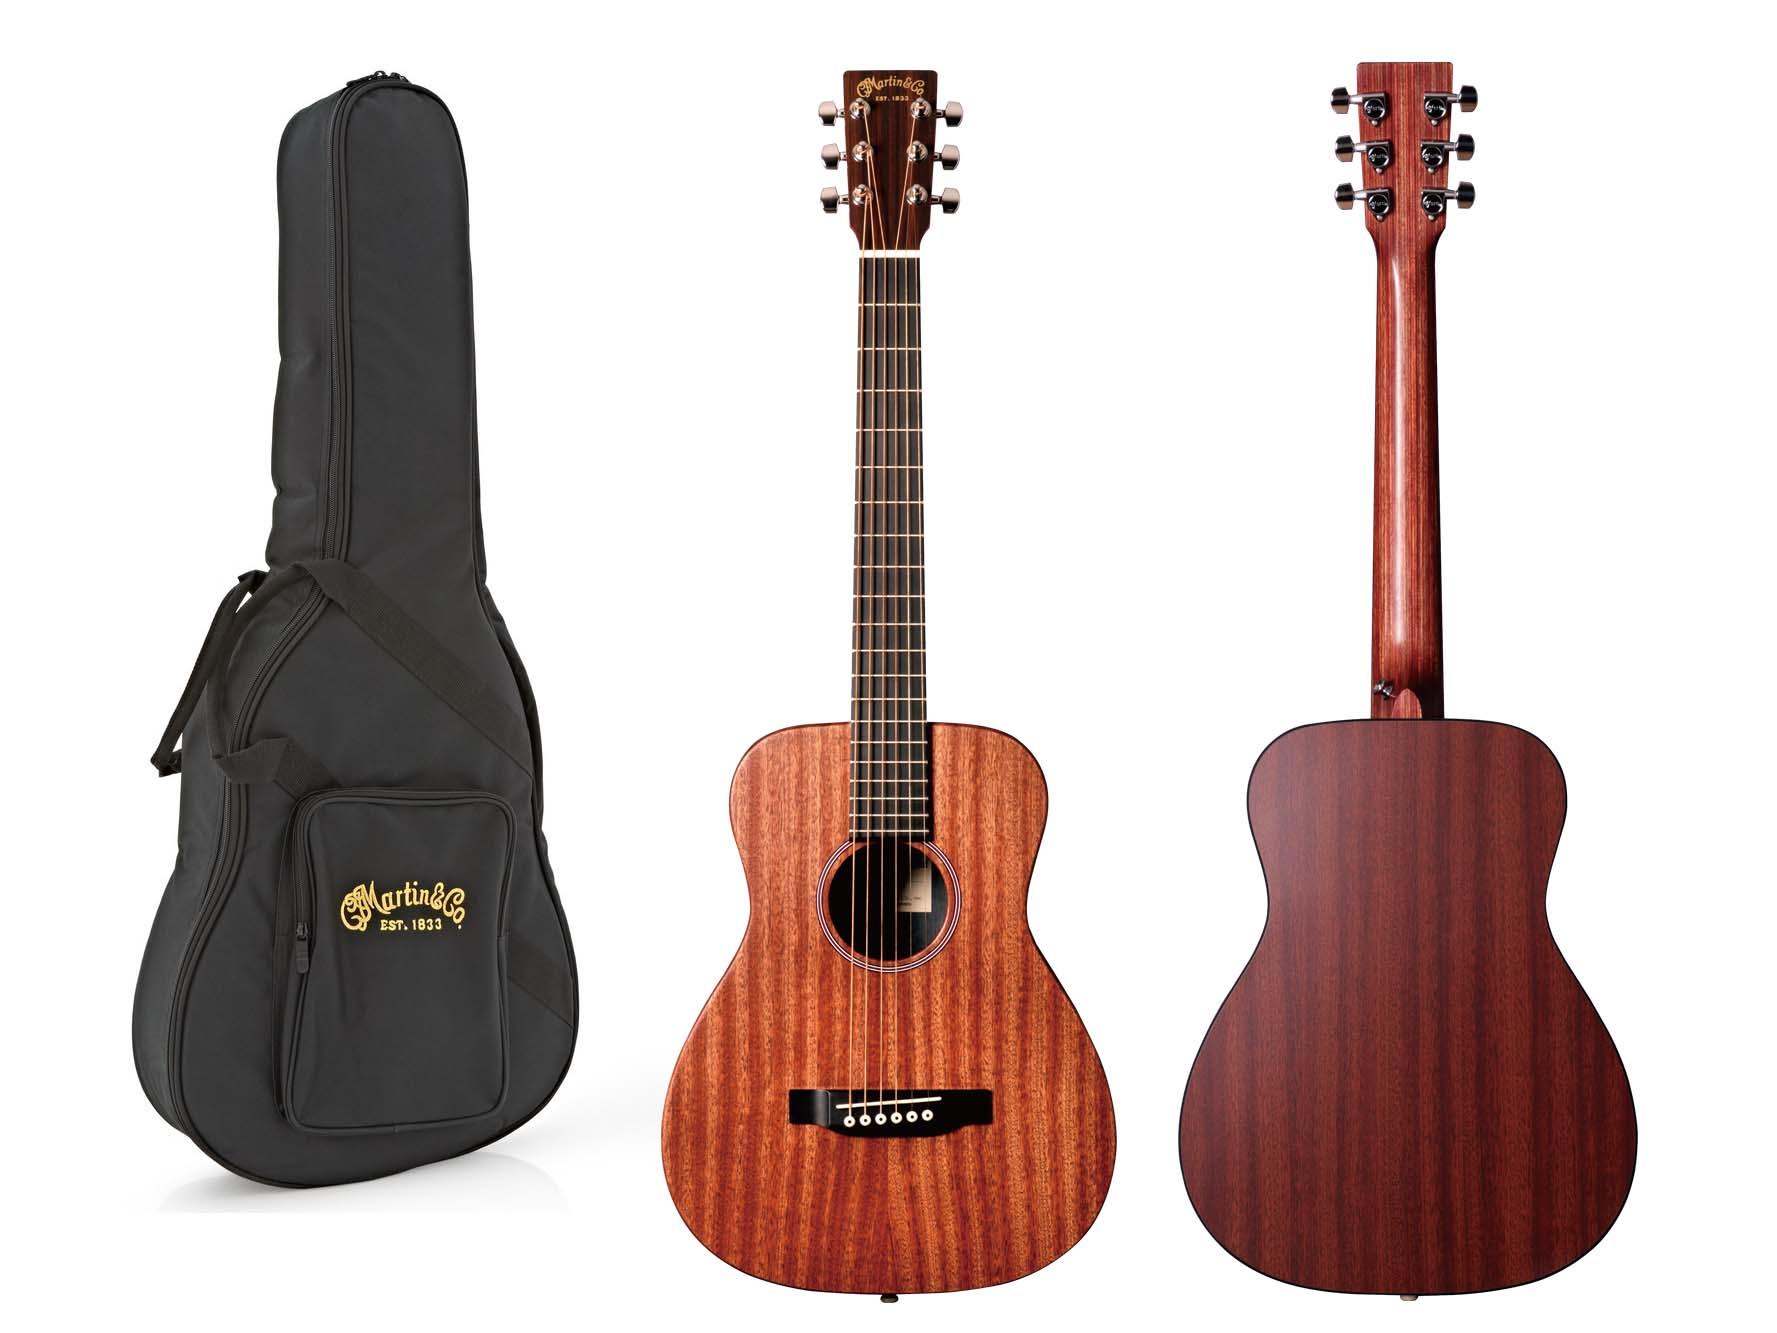 島村楽器×Martin Guitar コラボモデル Little Martin 『LX Custom S/E』(アコースティックギター)